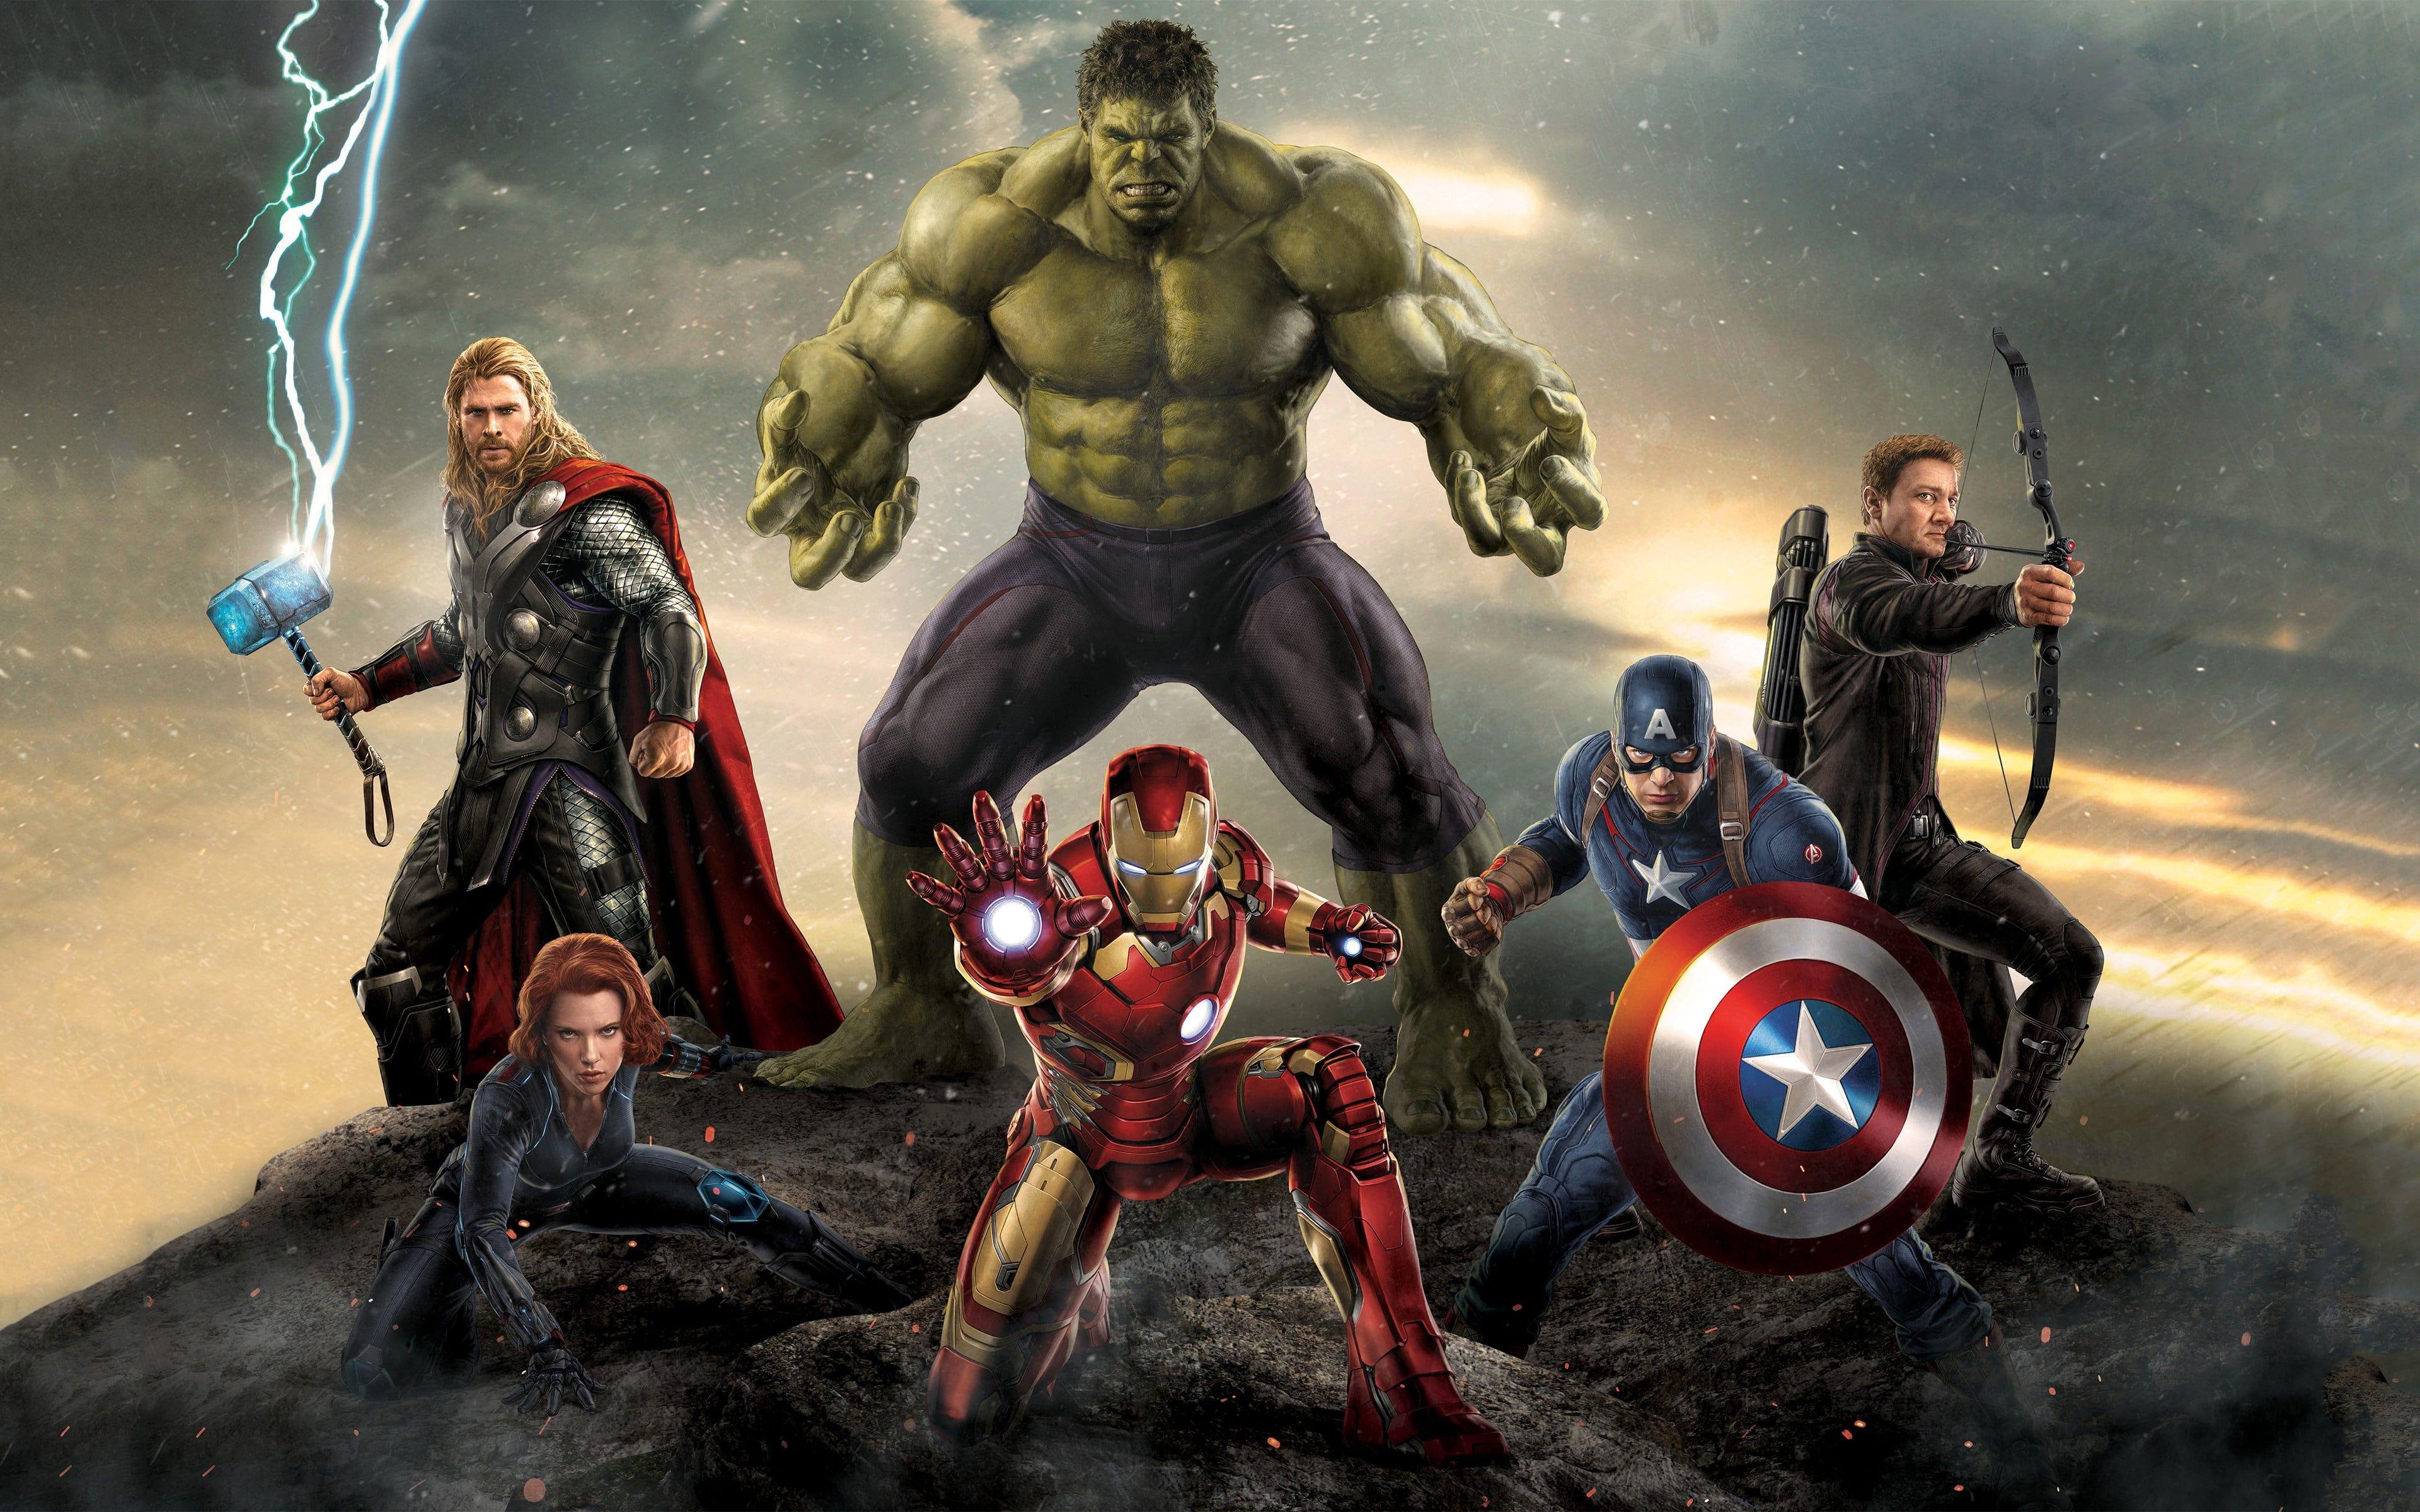 Marvel Avengers Wallpaper Avengers Age Of Ultron The Avengers